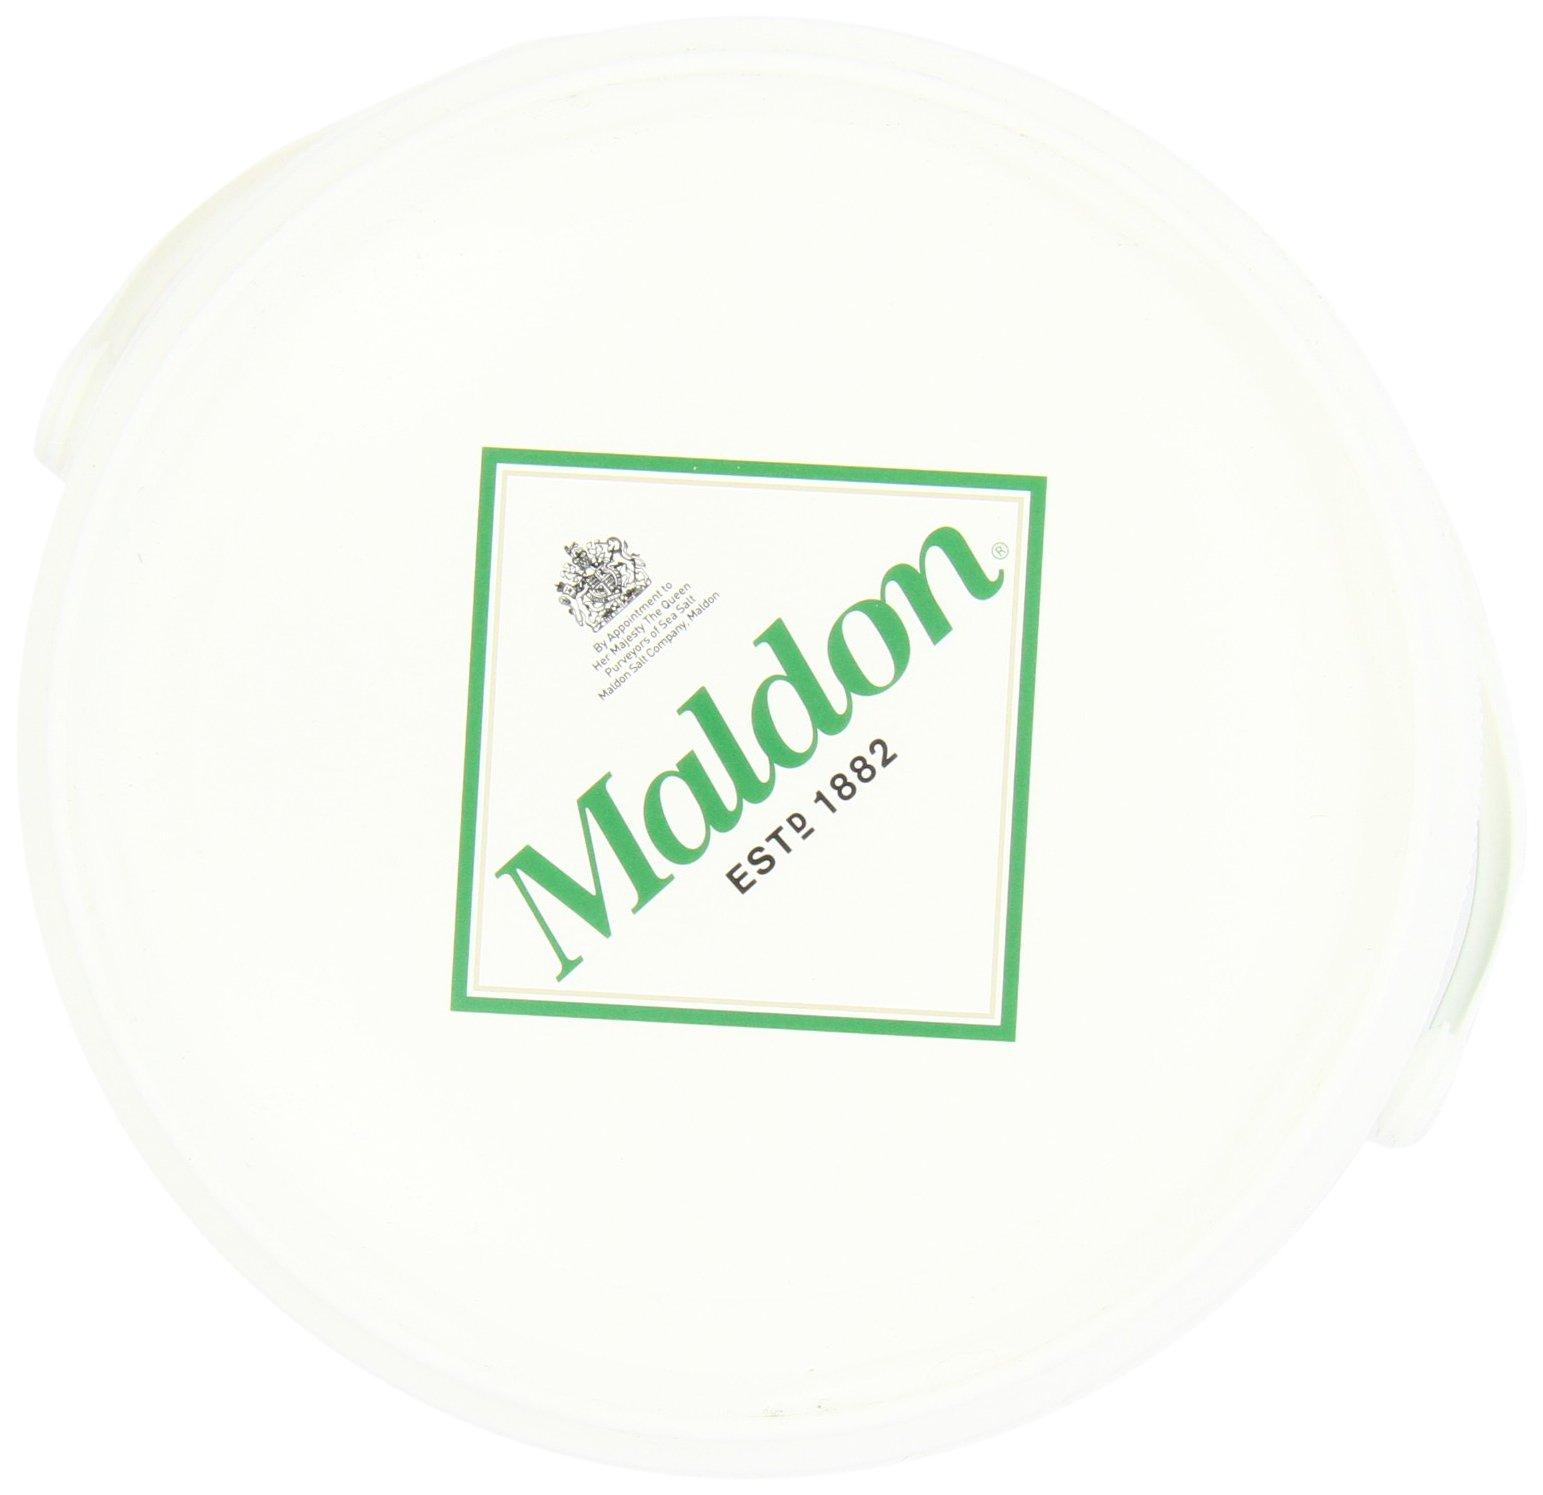 Maldon Sea Salt Flakes 1.5kg/3.3lbs Tub by Salt Traders (Image #7)